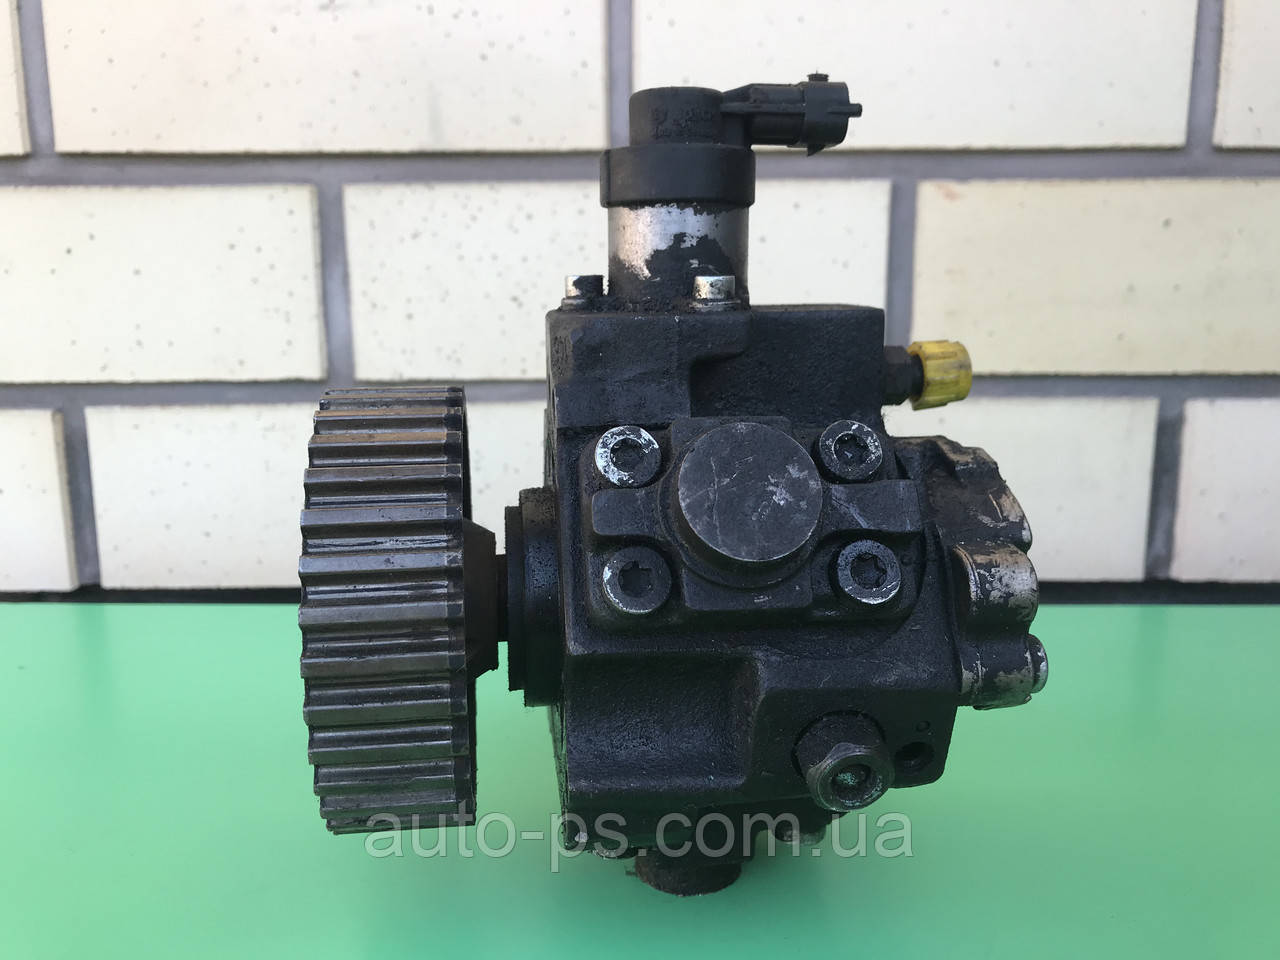 Топливный насос высокого давления (ТНВД) Peugeot 5008 1.6HDI